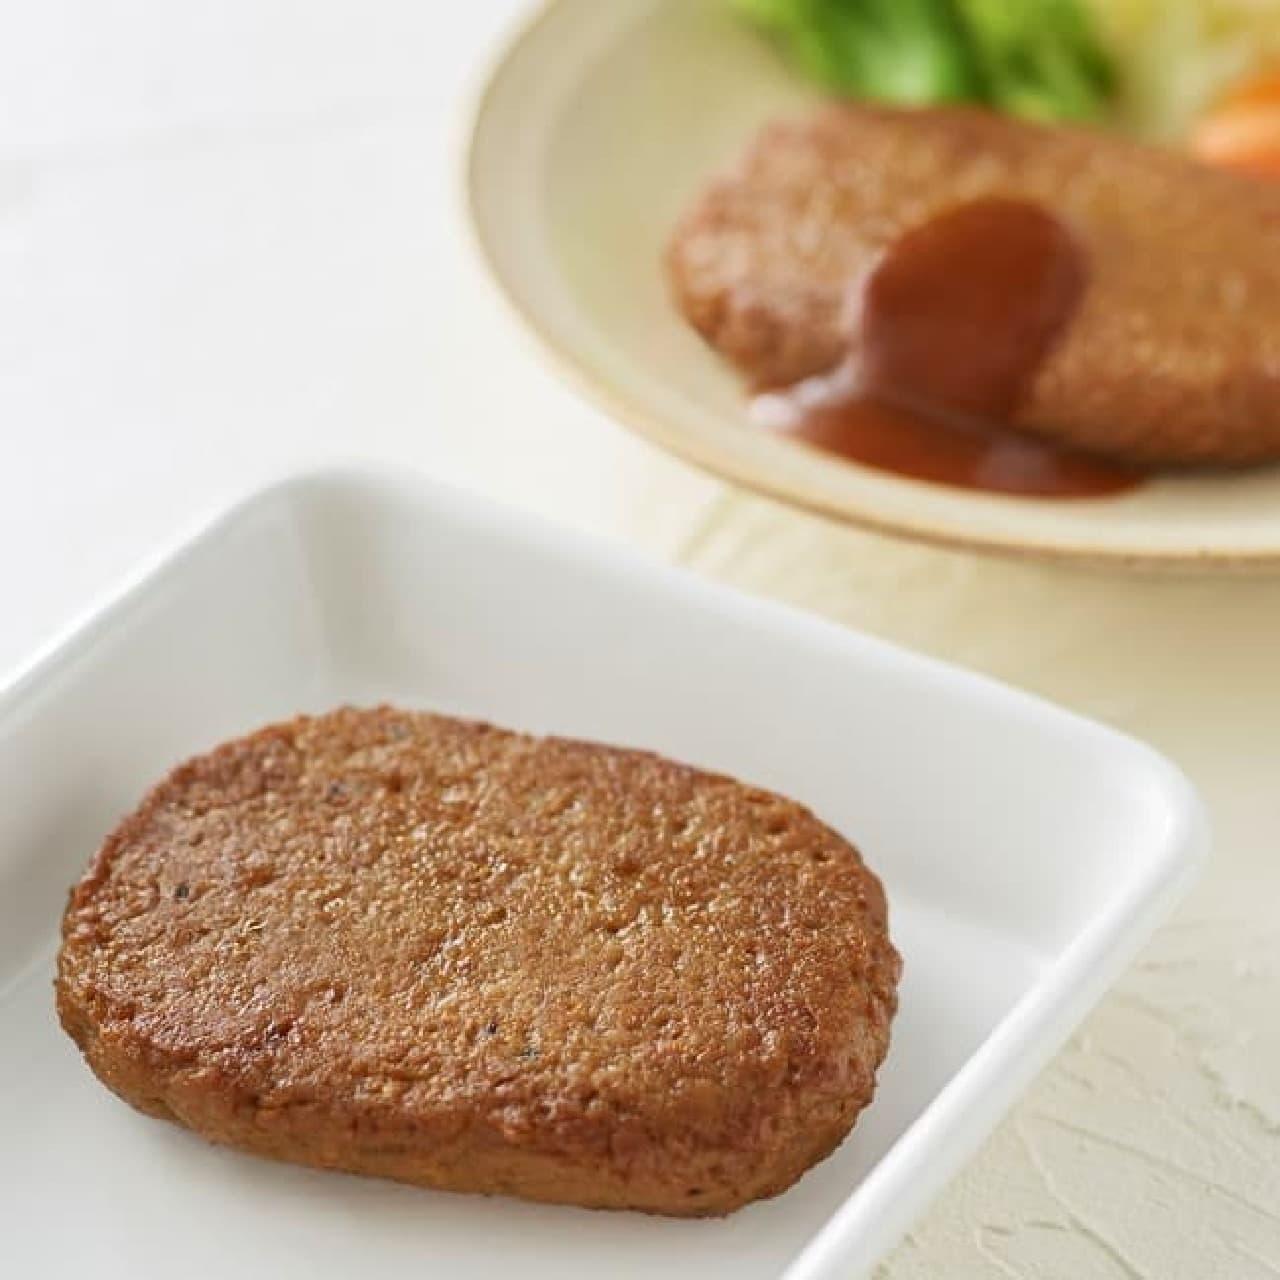 無印良品「大豆ミート ハンバーグ」